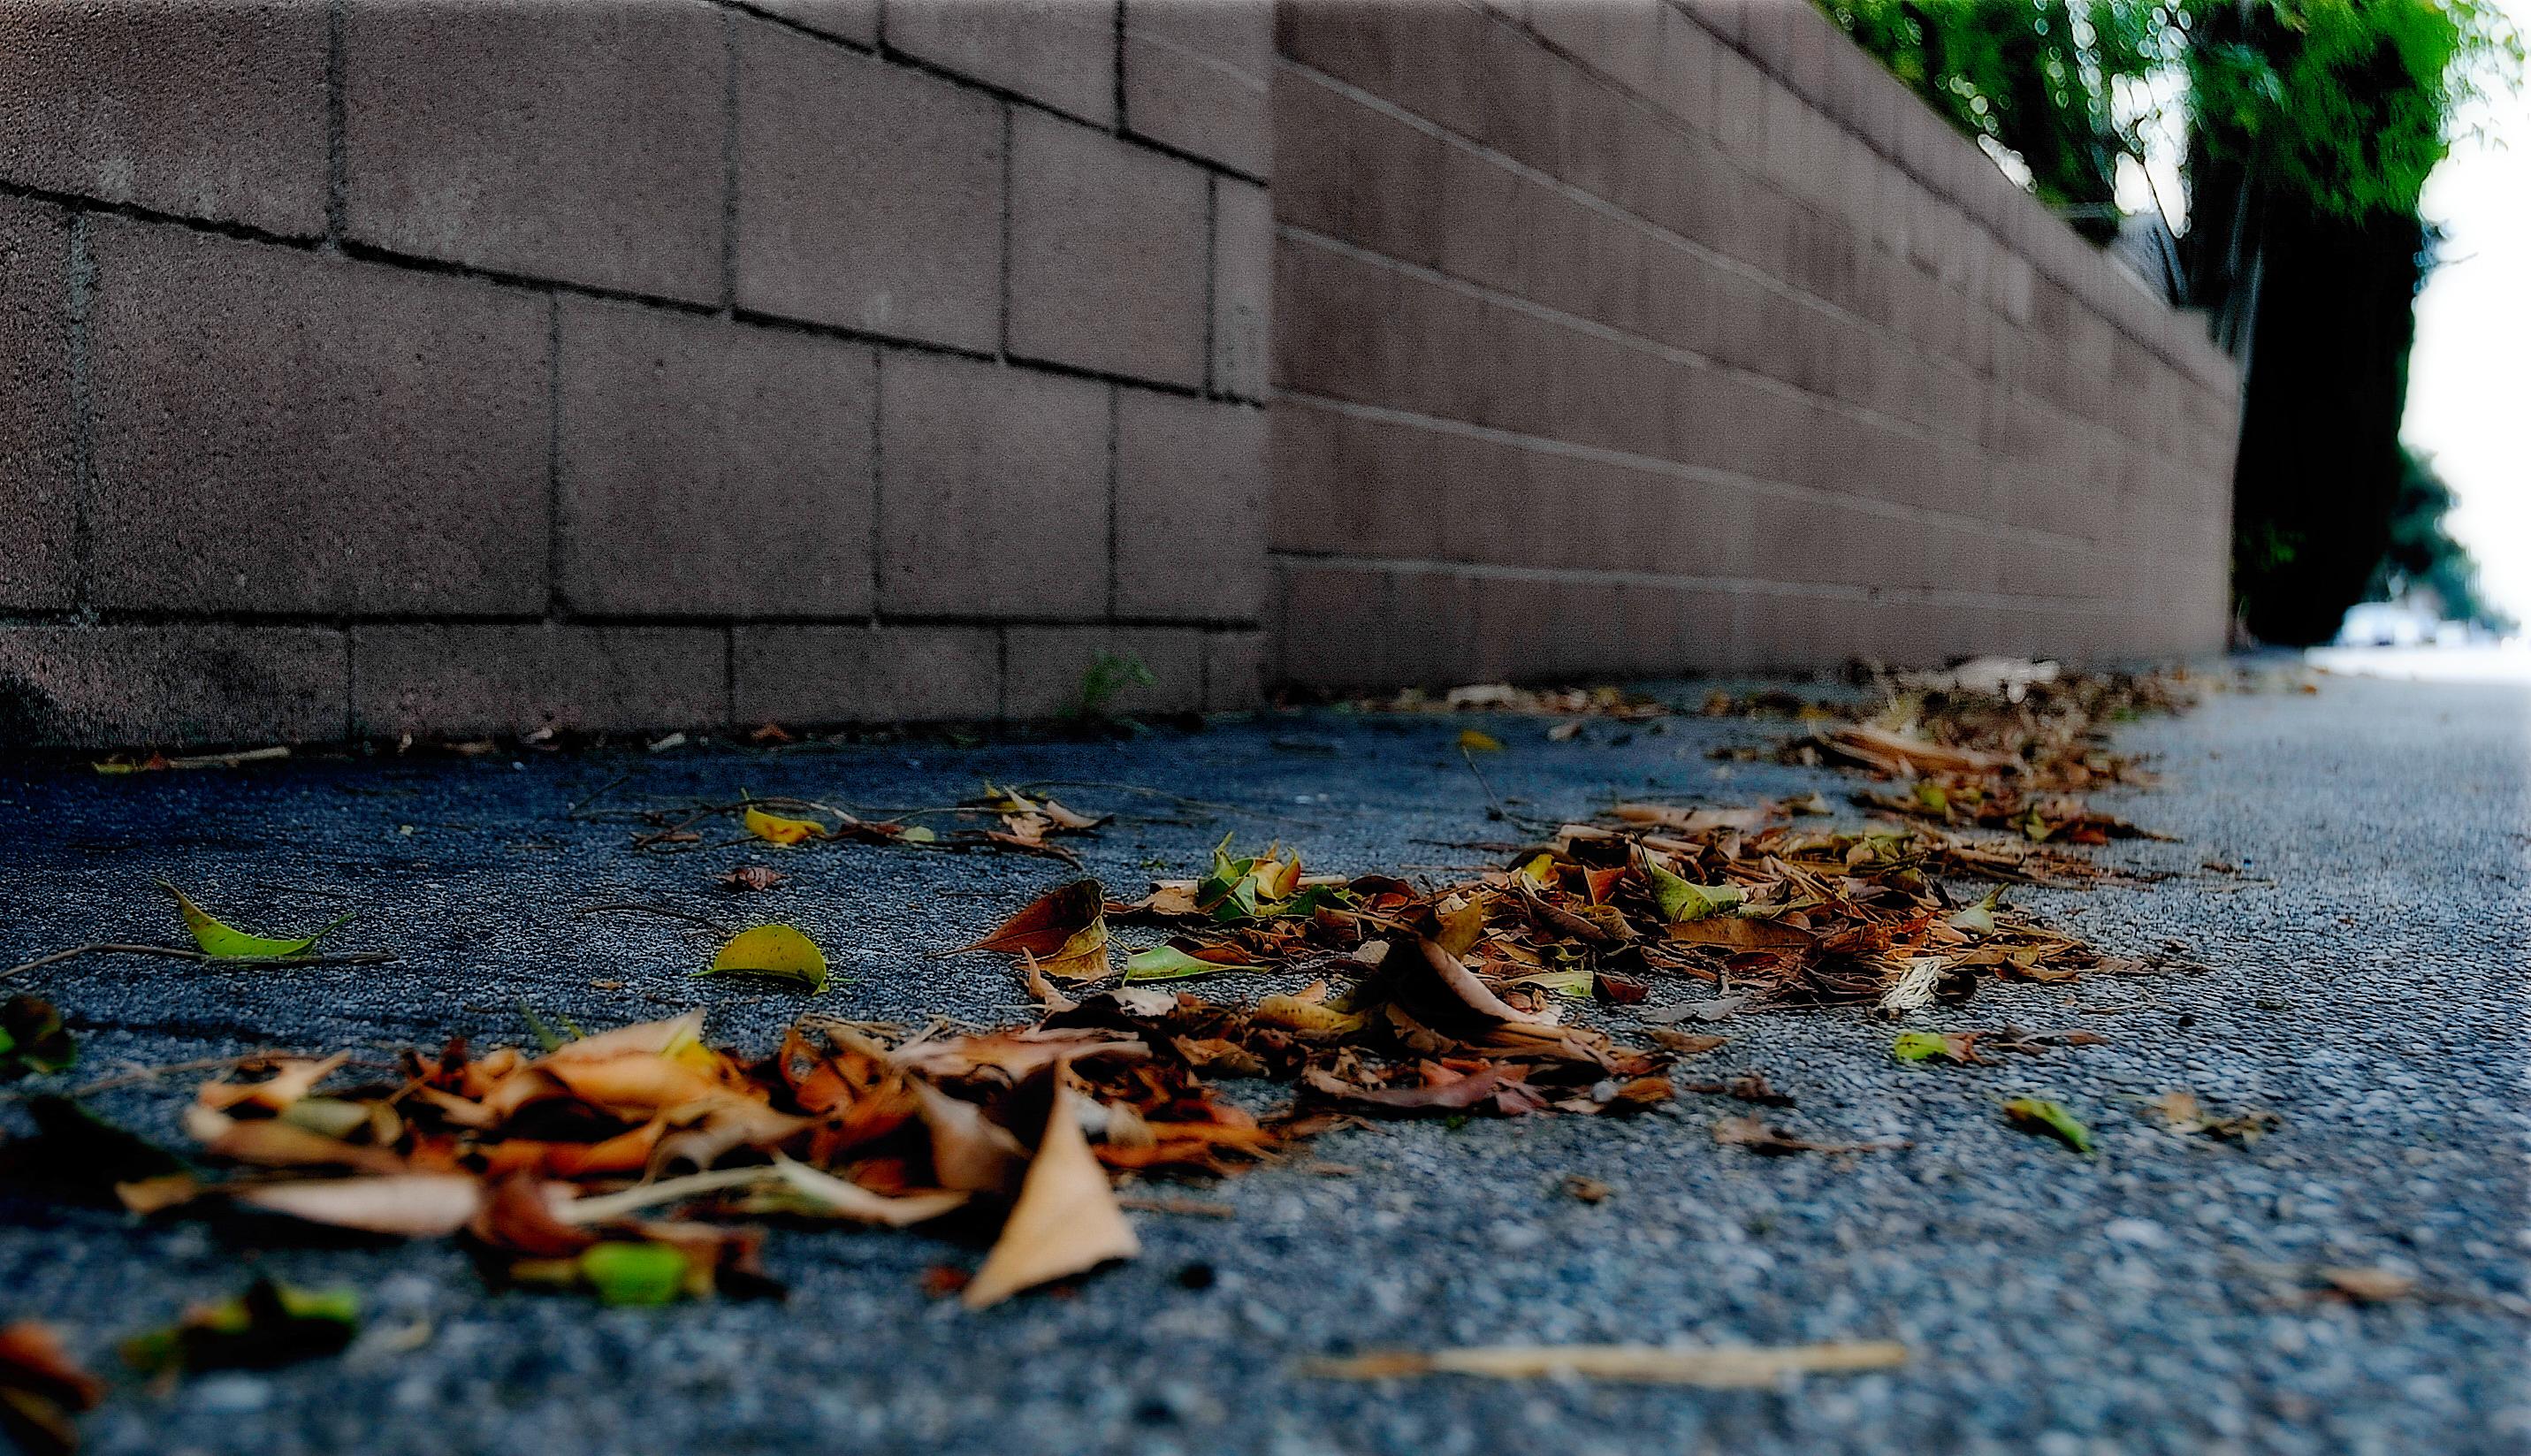 leaves-on-asphalt-srgb